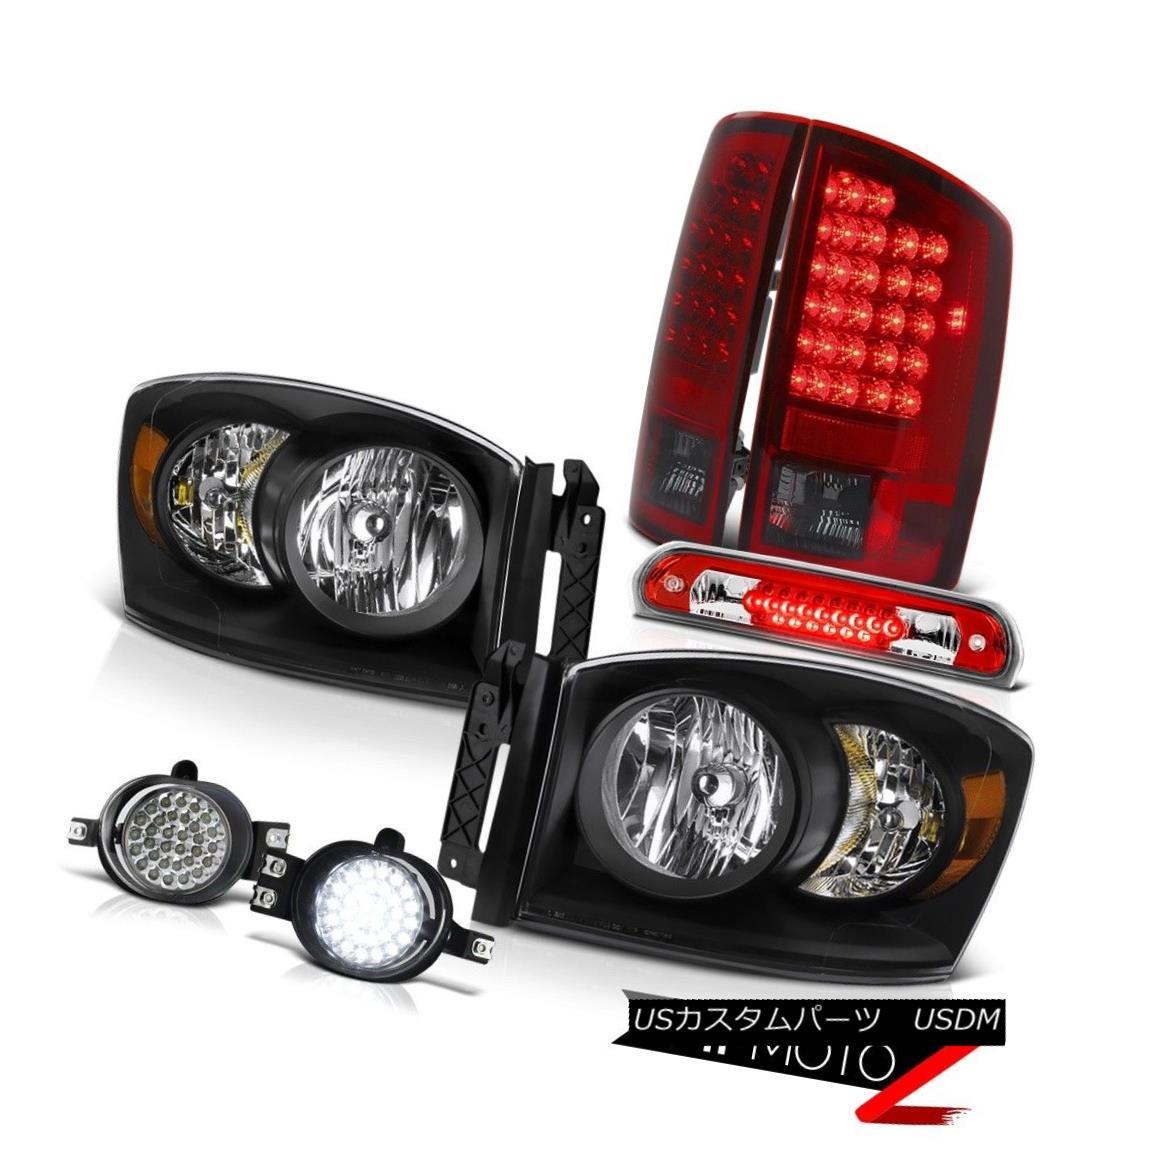 テールライト 2007-2008 Dodge Ram 1500 Black Headlights SMD LED Brake Lamp D.R.L Fog Red Third 2007-2008 Dodge Ram 1500ブラックヘッドライトSMD LEDブレーキランプD.R.L Fog Red Third